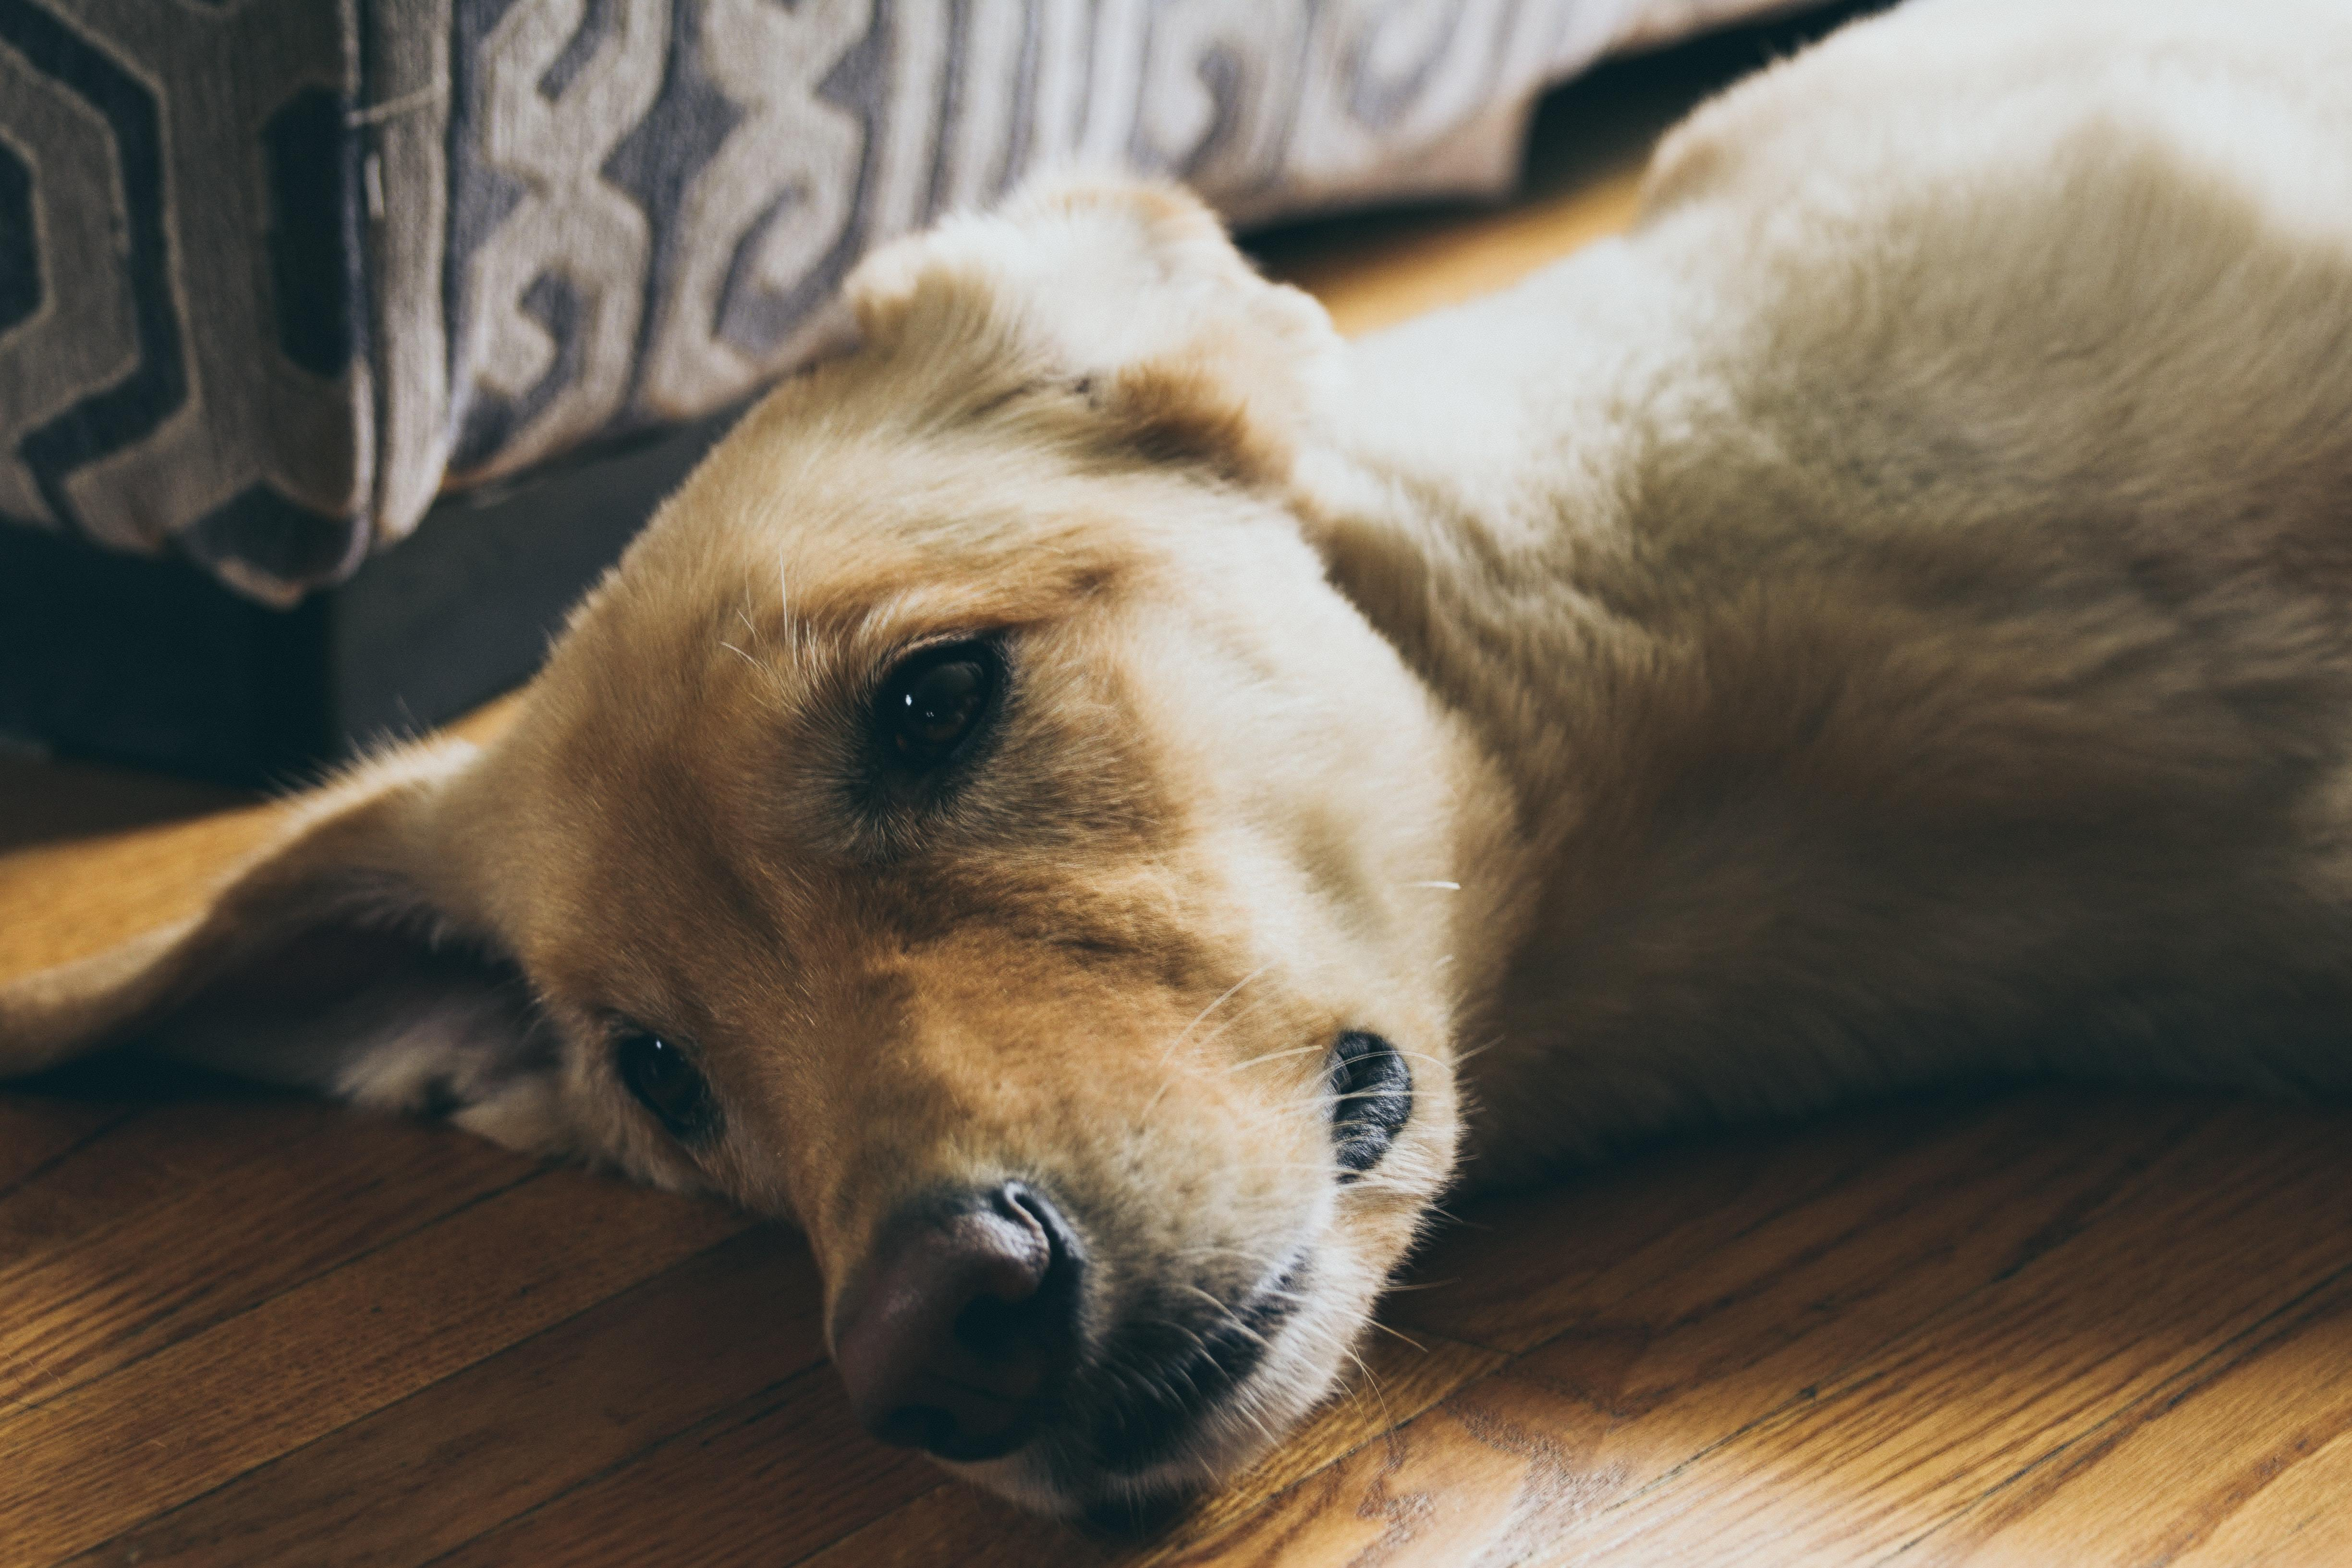 Dog laying on the floor looking sad